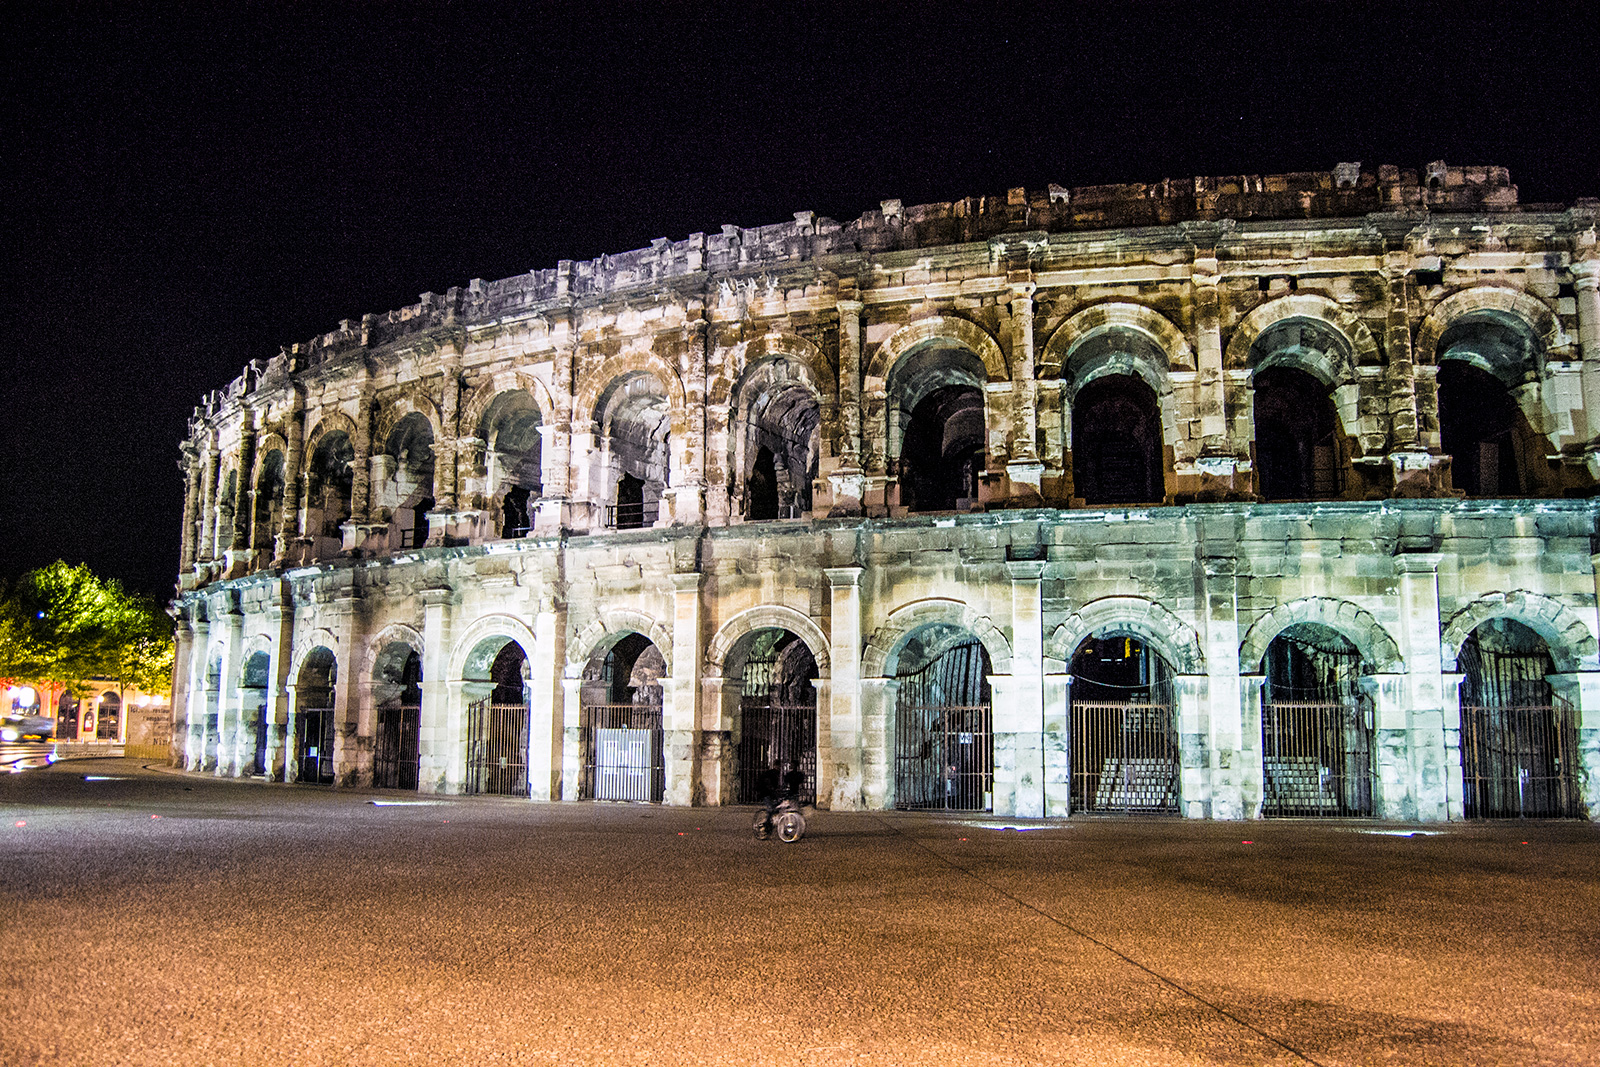 Arena de Nimes de noche - qué ver en Nimes